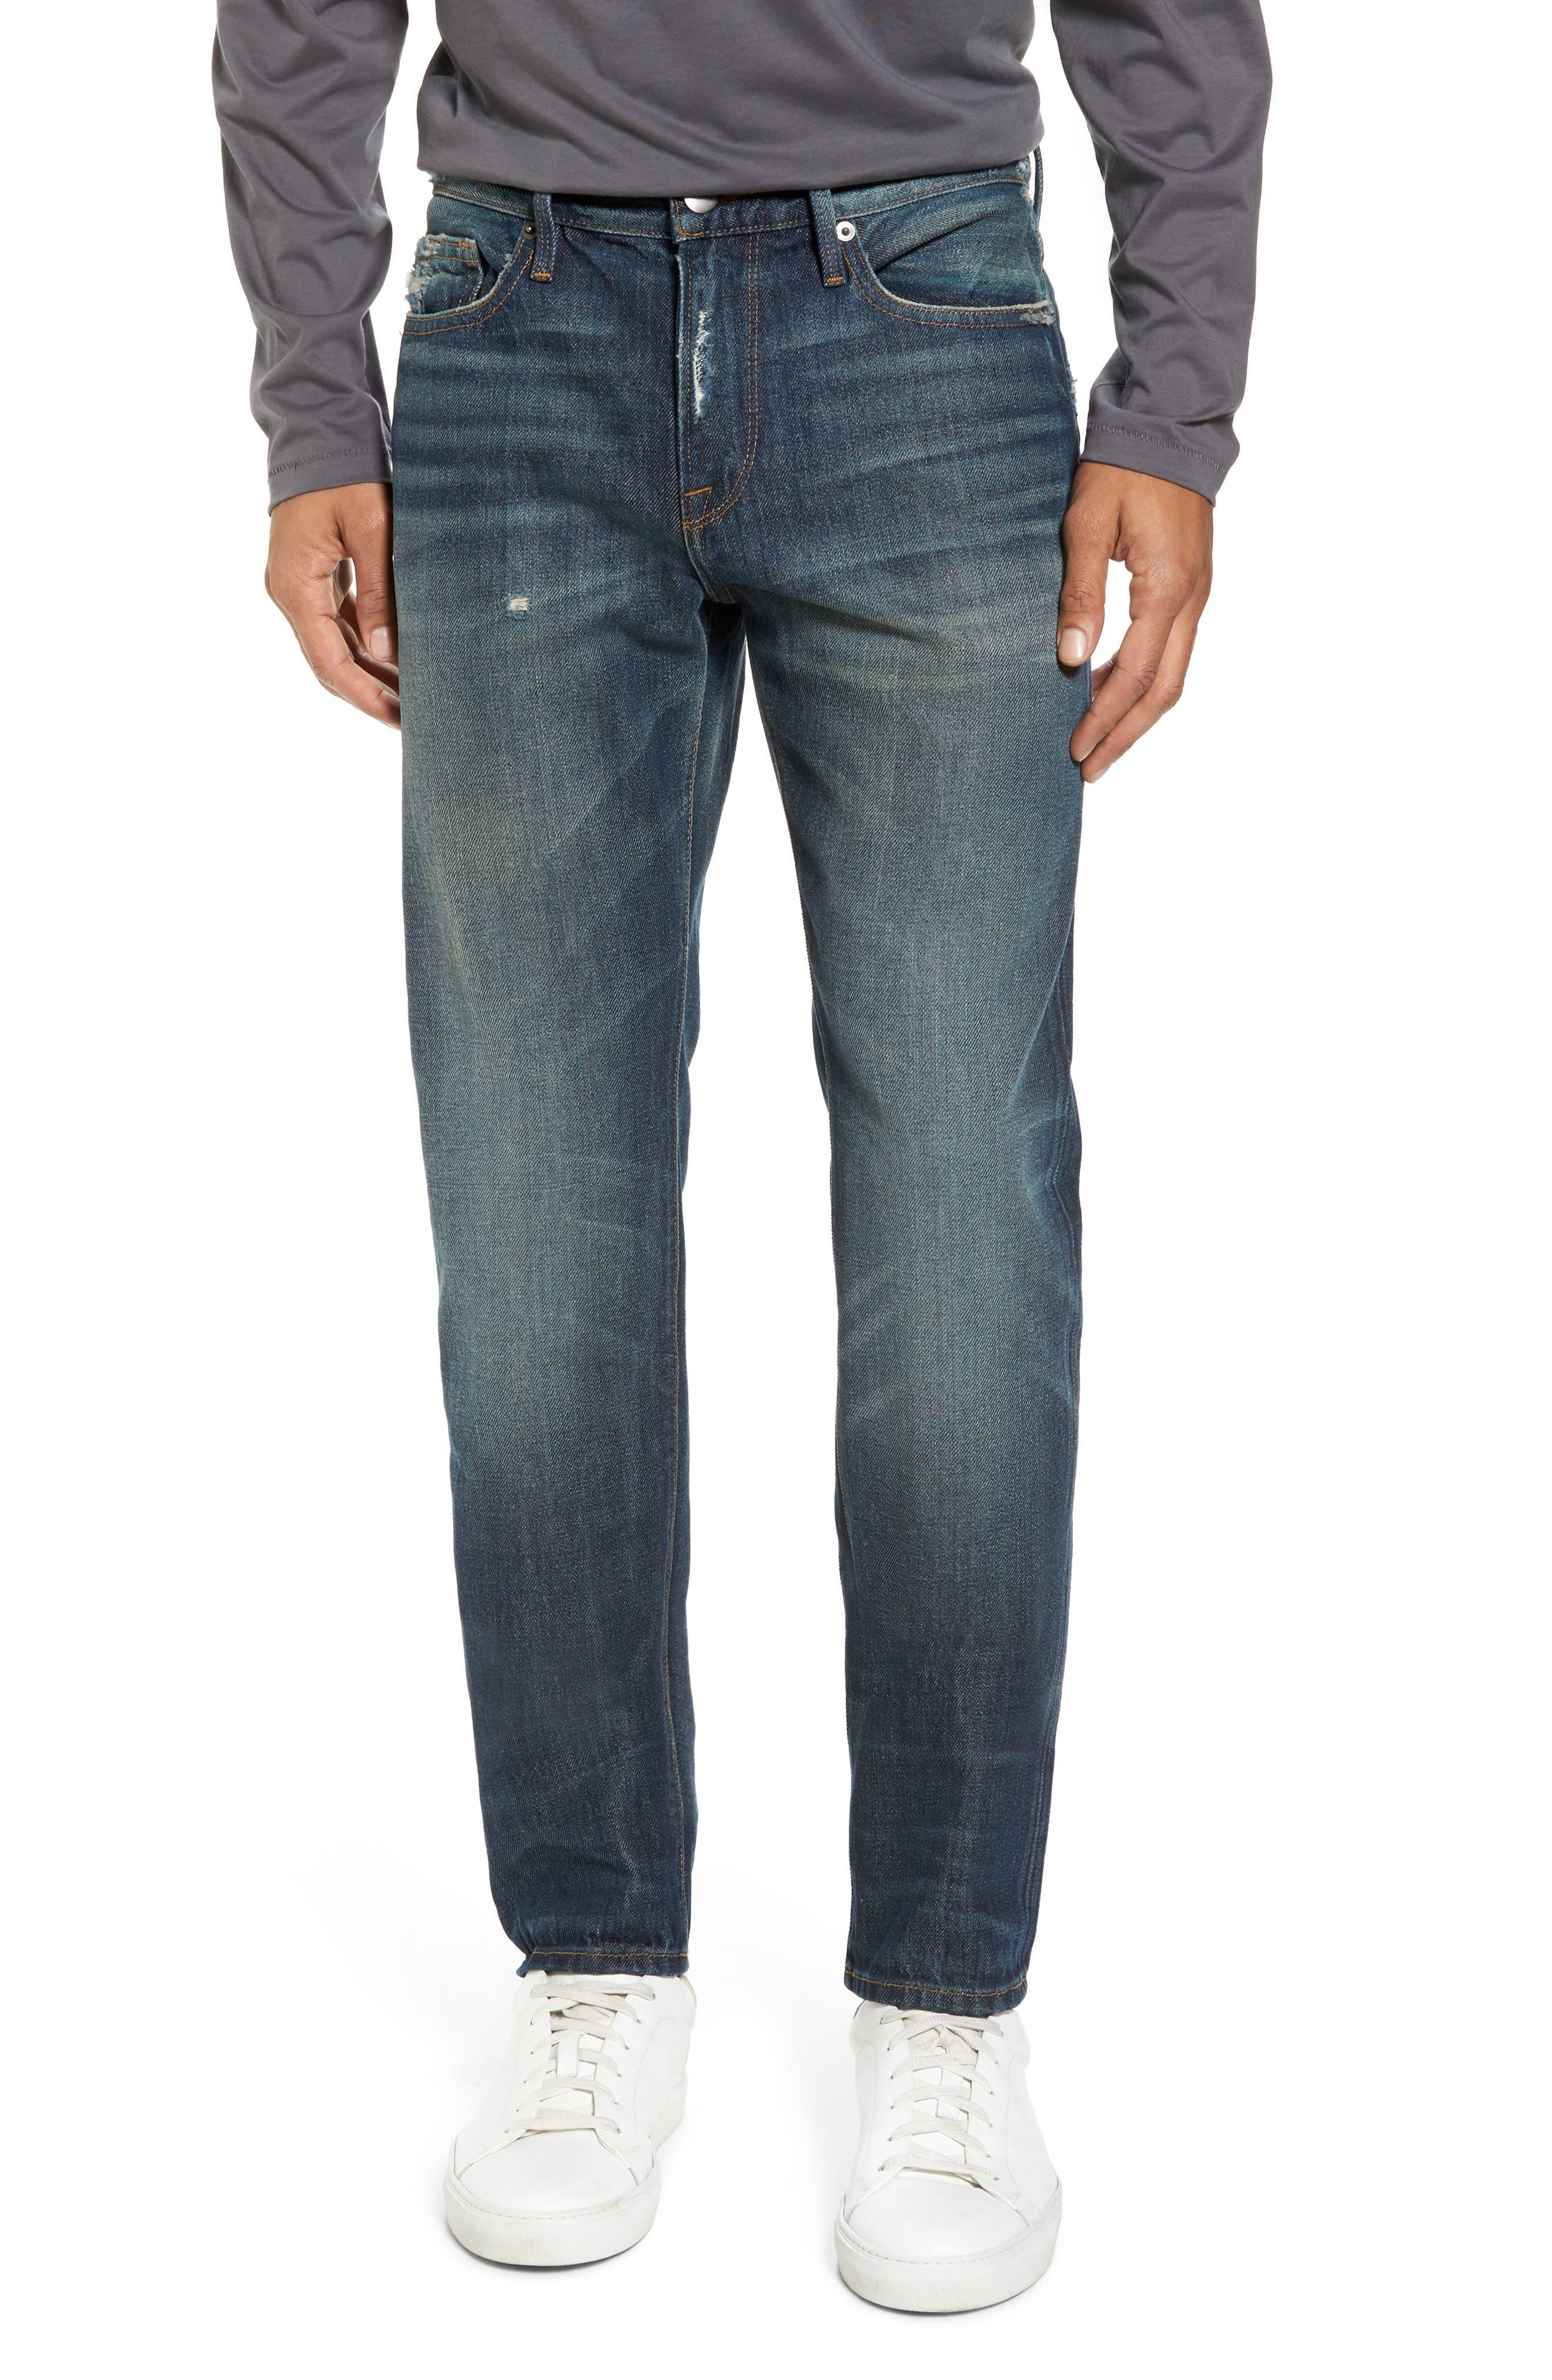 L'Homme Slim Fit Jeans,                             Main thumbnail 1, color,                             Bunker